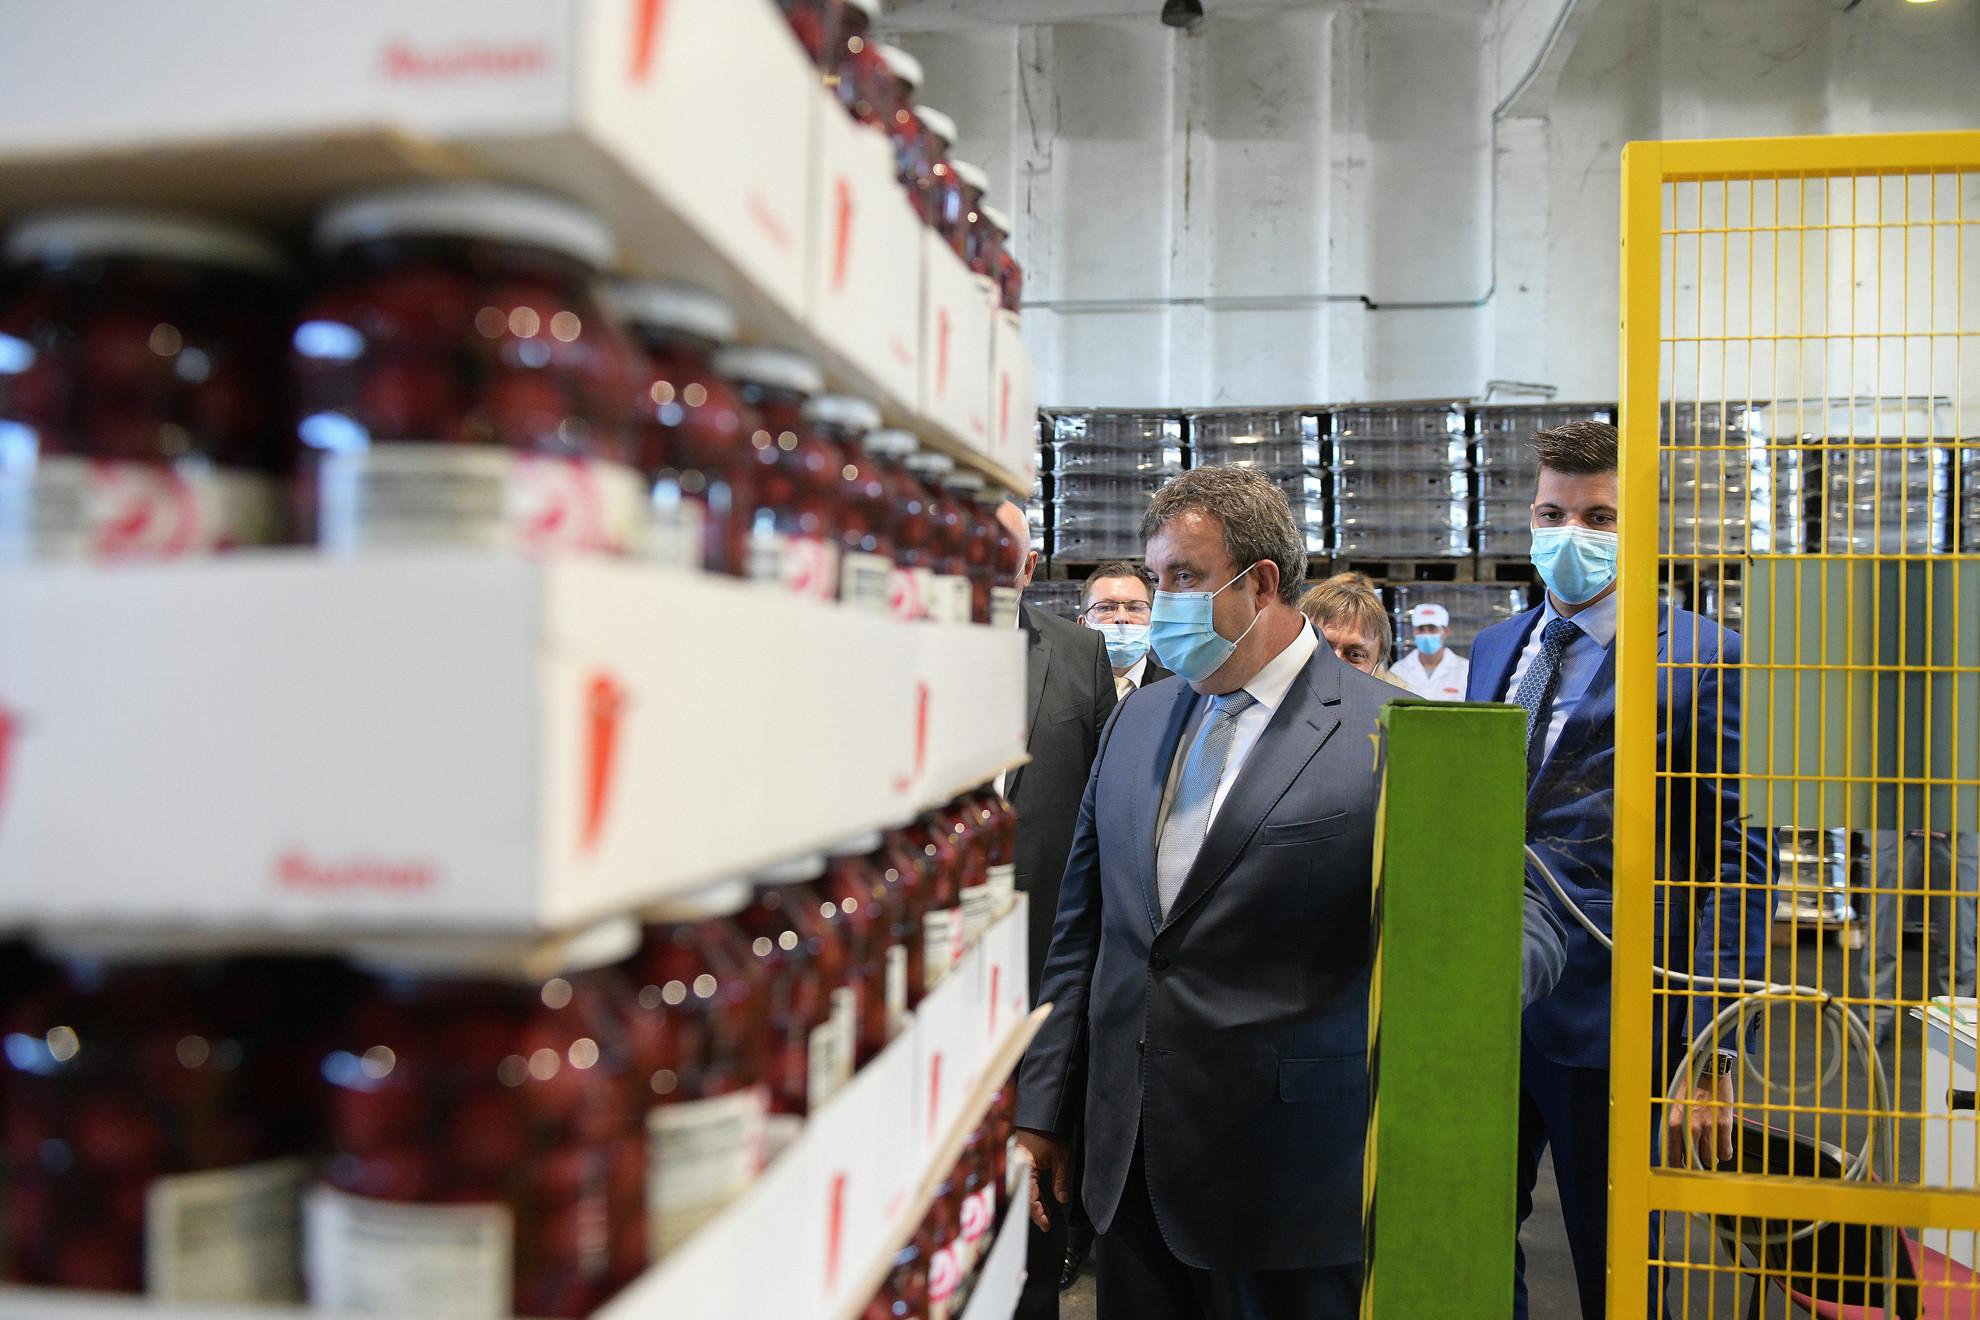 Palkovics László innovációs és technológiai miniszter jelképesen elindítja az új csomagolósort a gyümölcs- és zöldségkonzerv gyártással foglalkozó Jonaco Kft. technológiai fejlesztésének átadásán Fehérgyarmaton 2020. szeptember 8-án